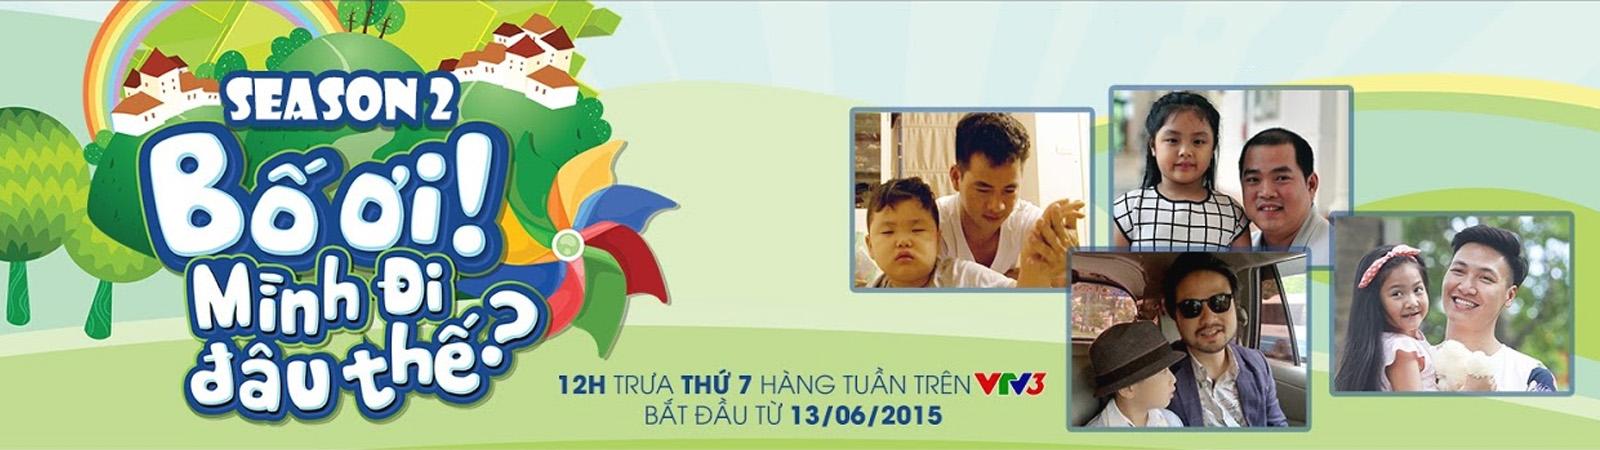 Tập 4 - Bố Ơi, Mình Đi Đâu Thế - Việt Nam